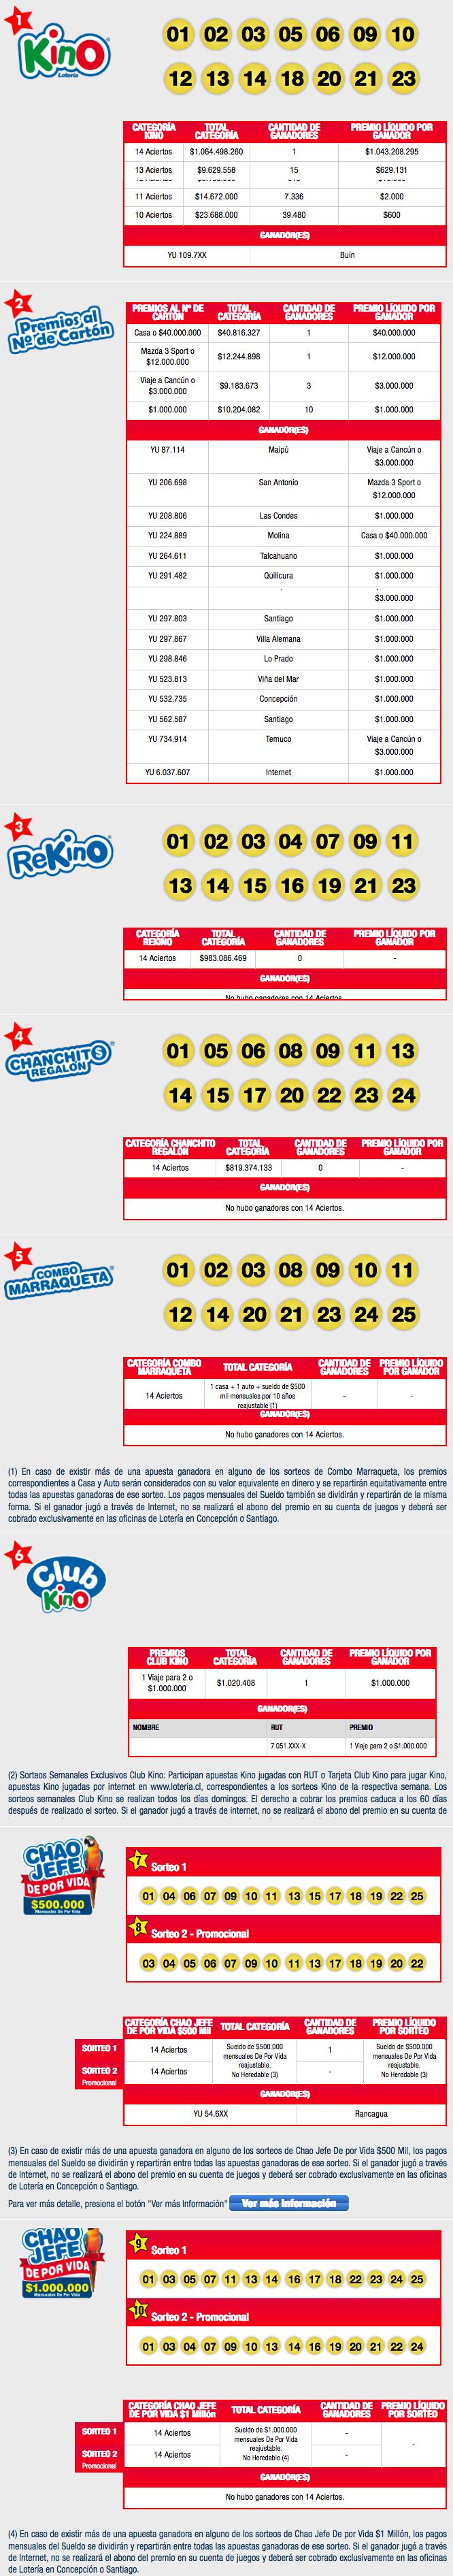 Resultados Kino Chile Sorteo 2123